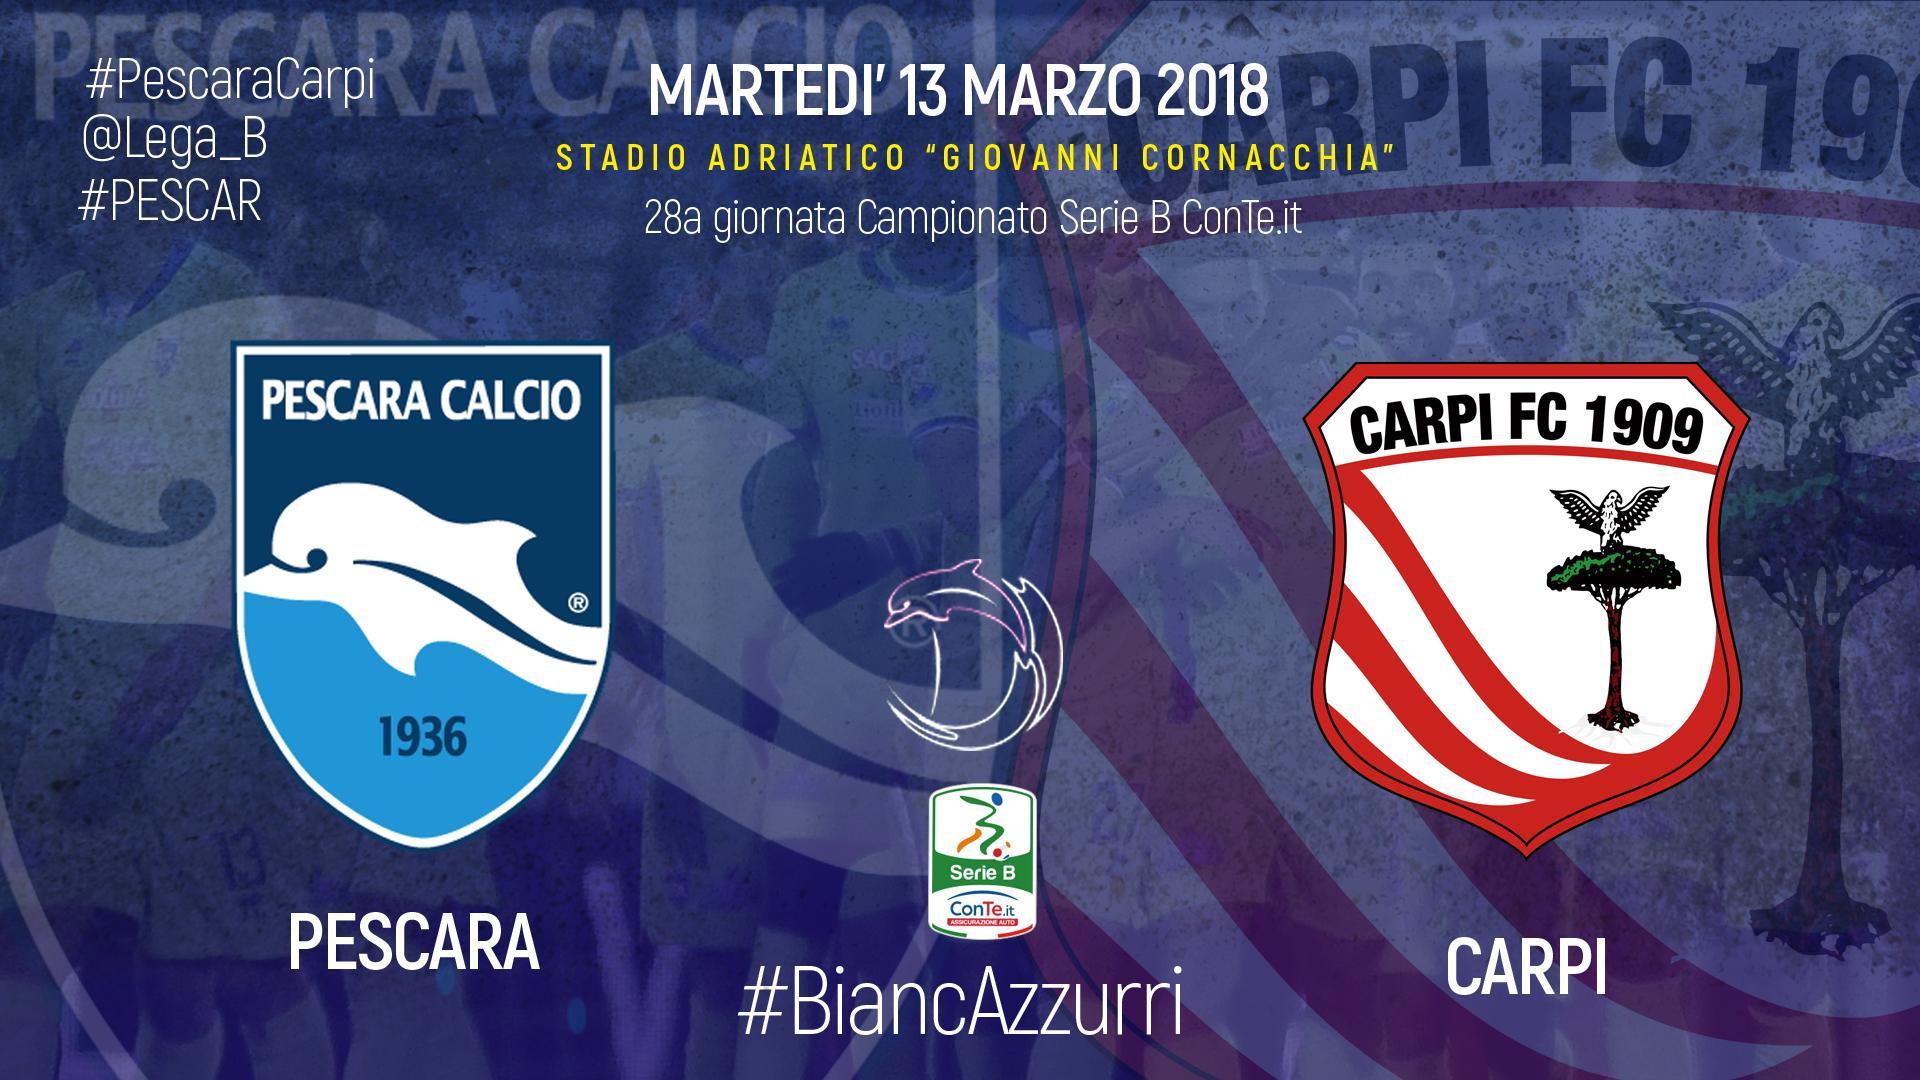 #PescaraCarpi, le formazioni ufficiali #PESCAR @Lega_B  PESCARA Calcio 1936